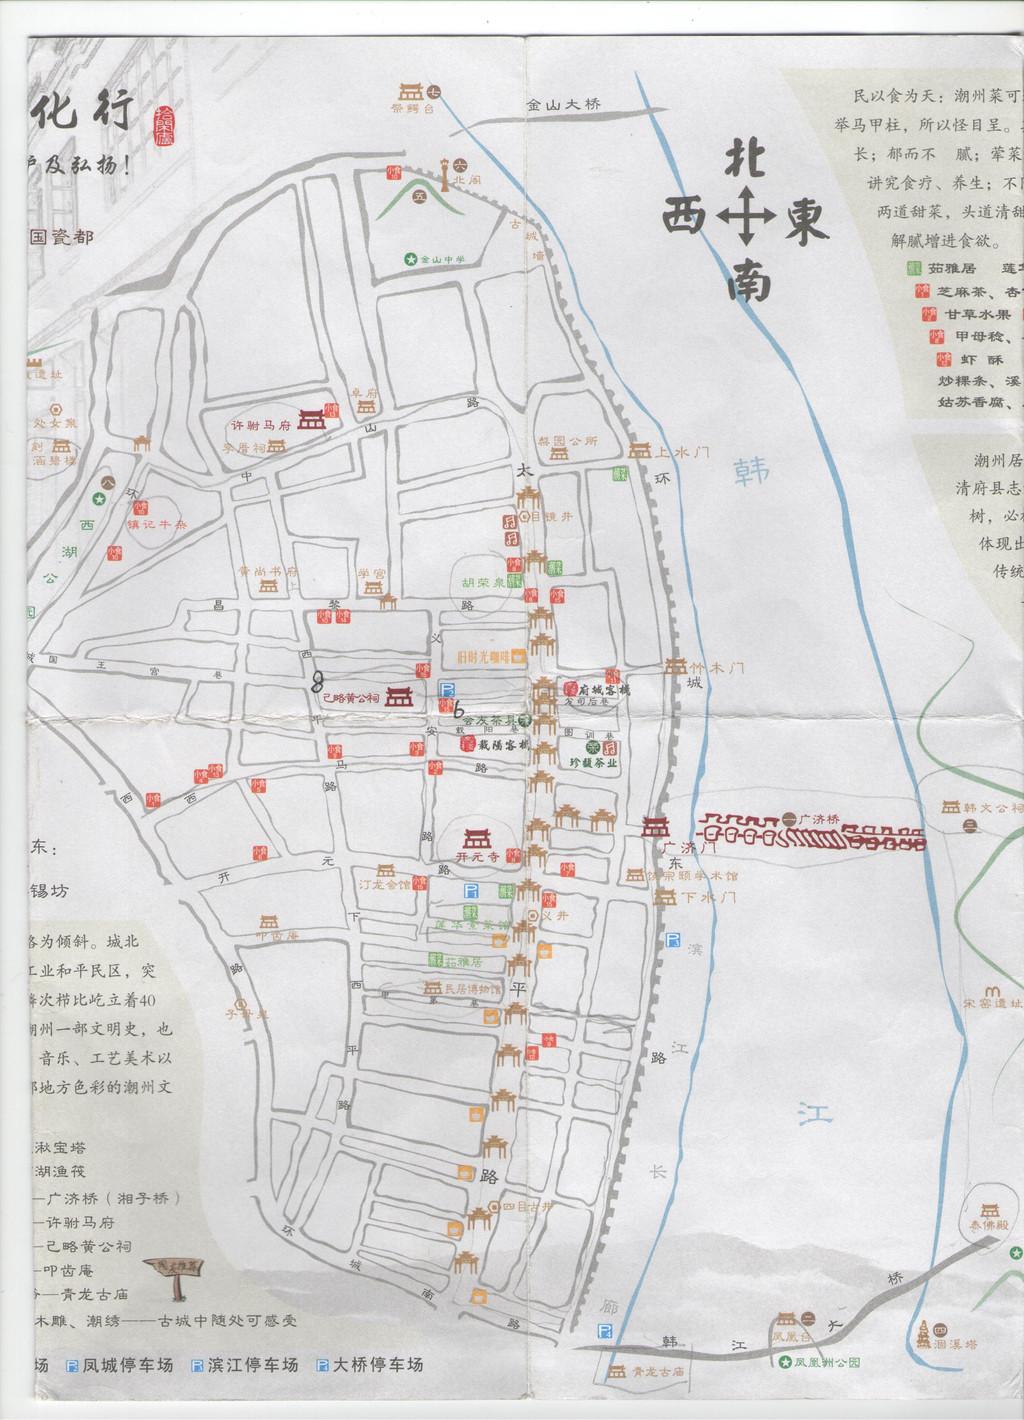 客栈送的手绘地图,老区(牌坊